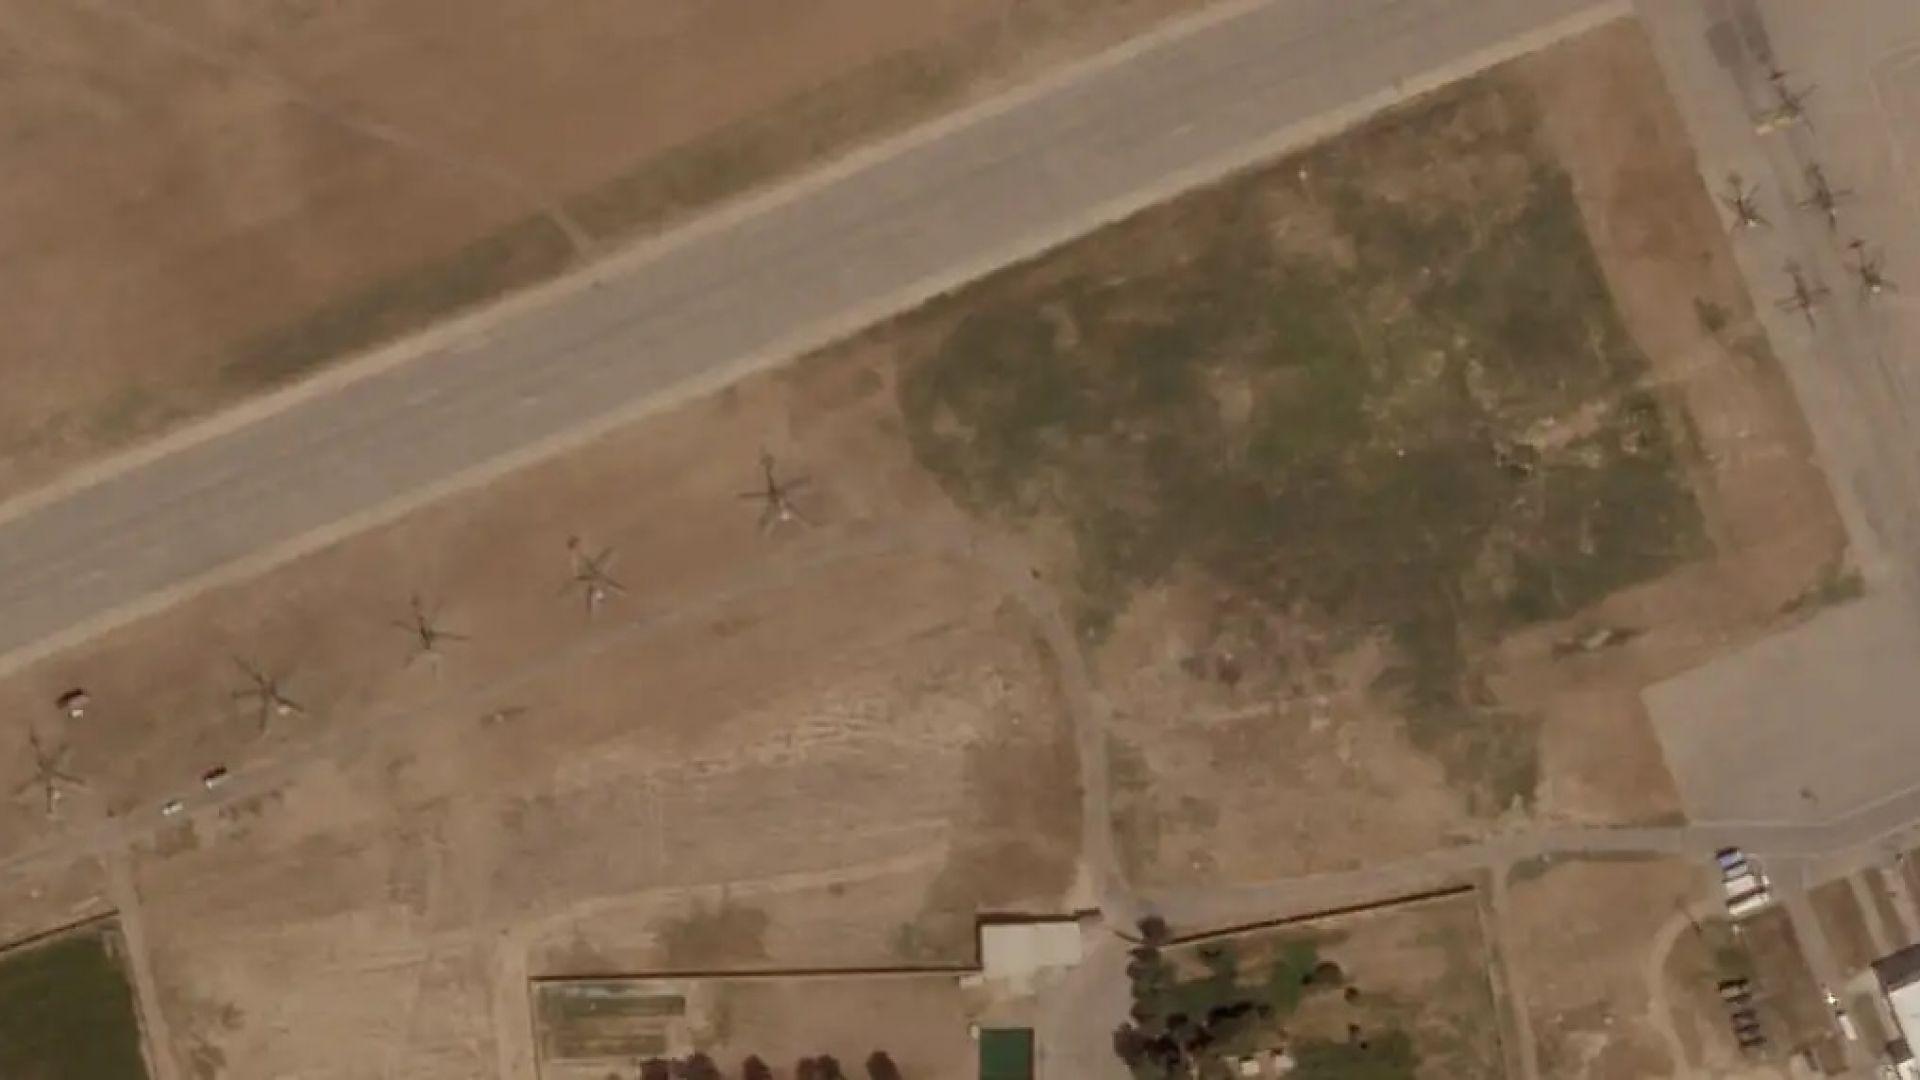 Сателитни снимки разкриват, че в Узбекистан са дезертирали 46 самолета и хеликоптера на афганистанските ВВС